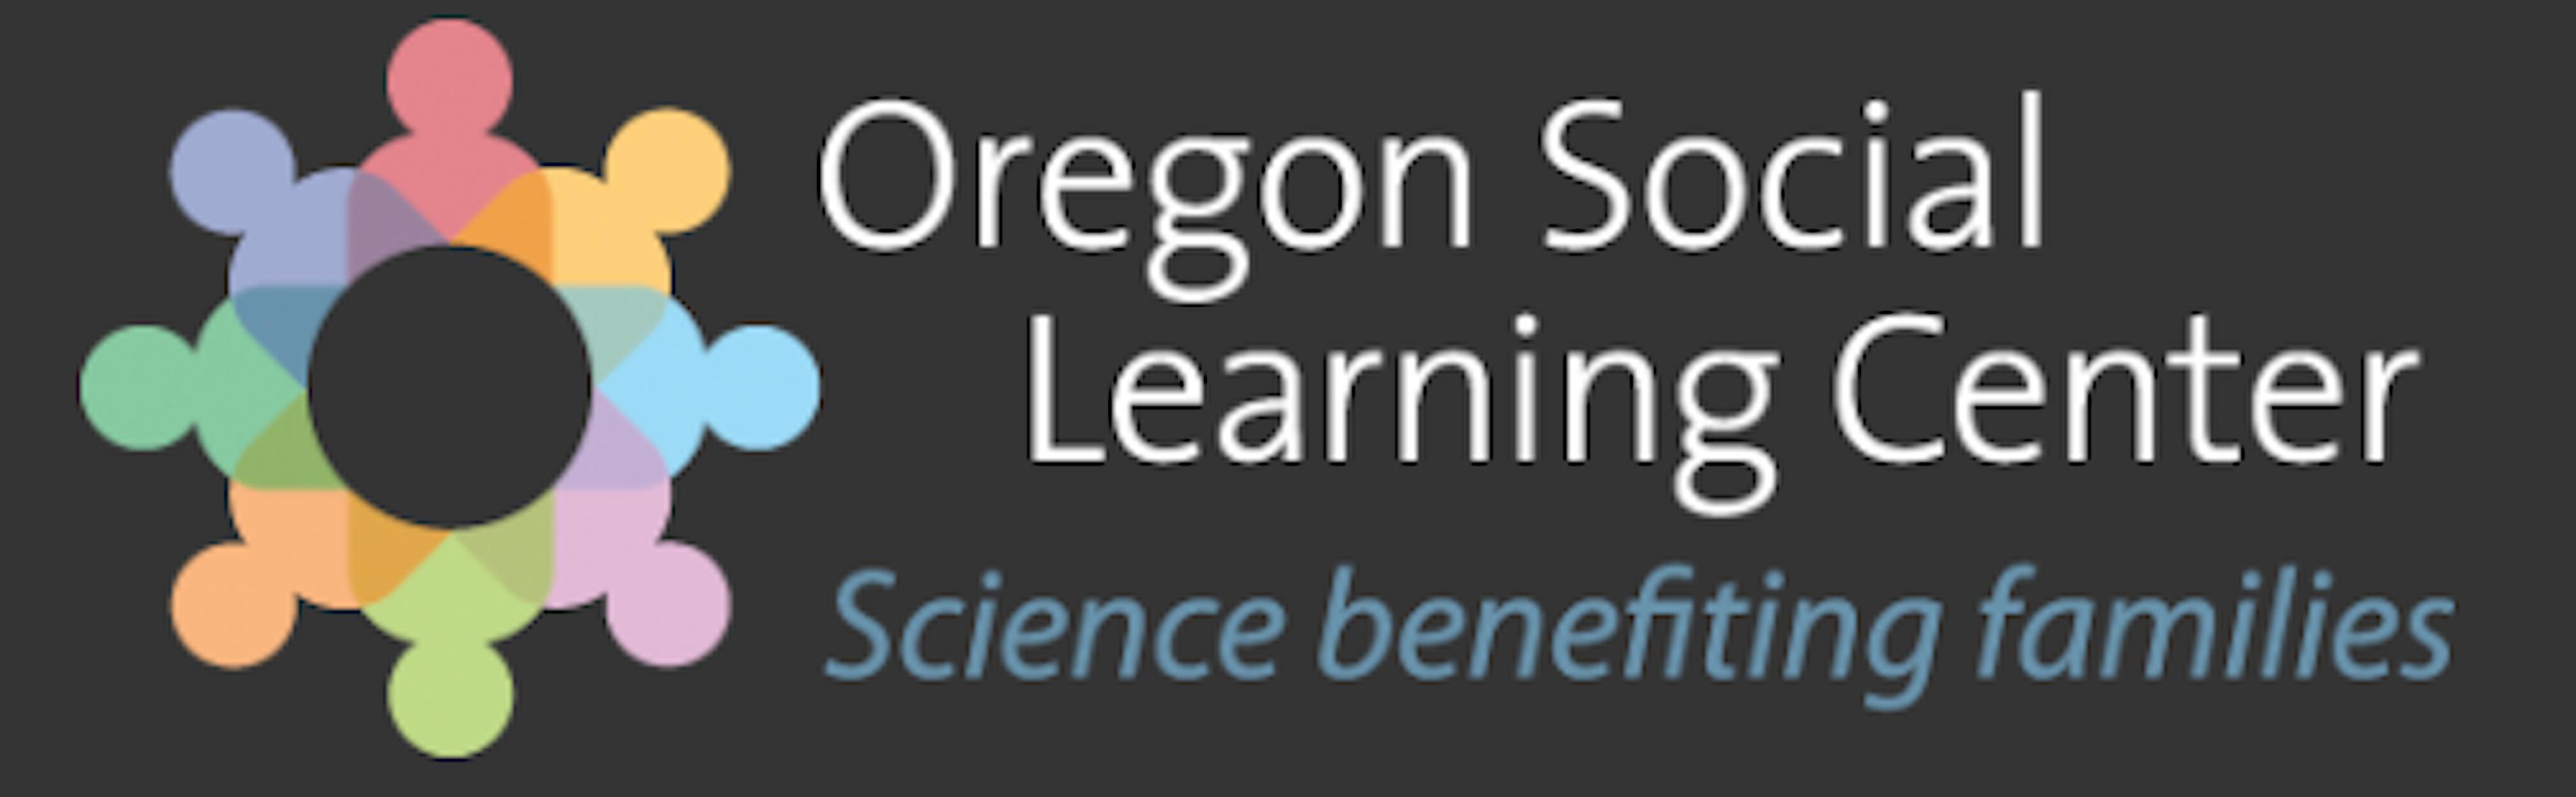 Oregon Social Learning Center